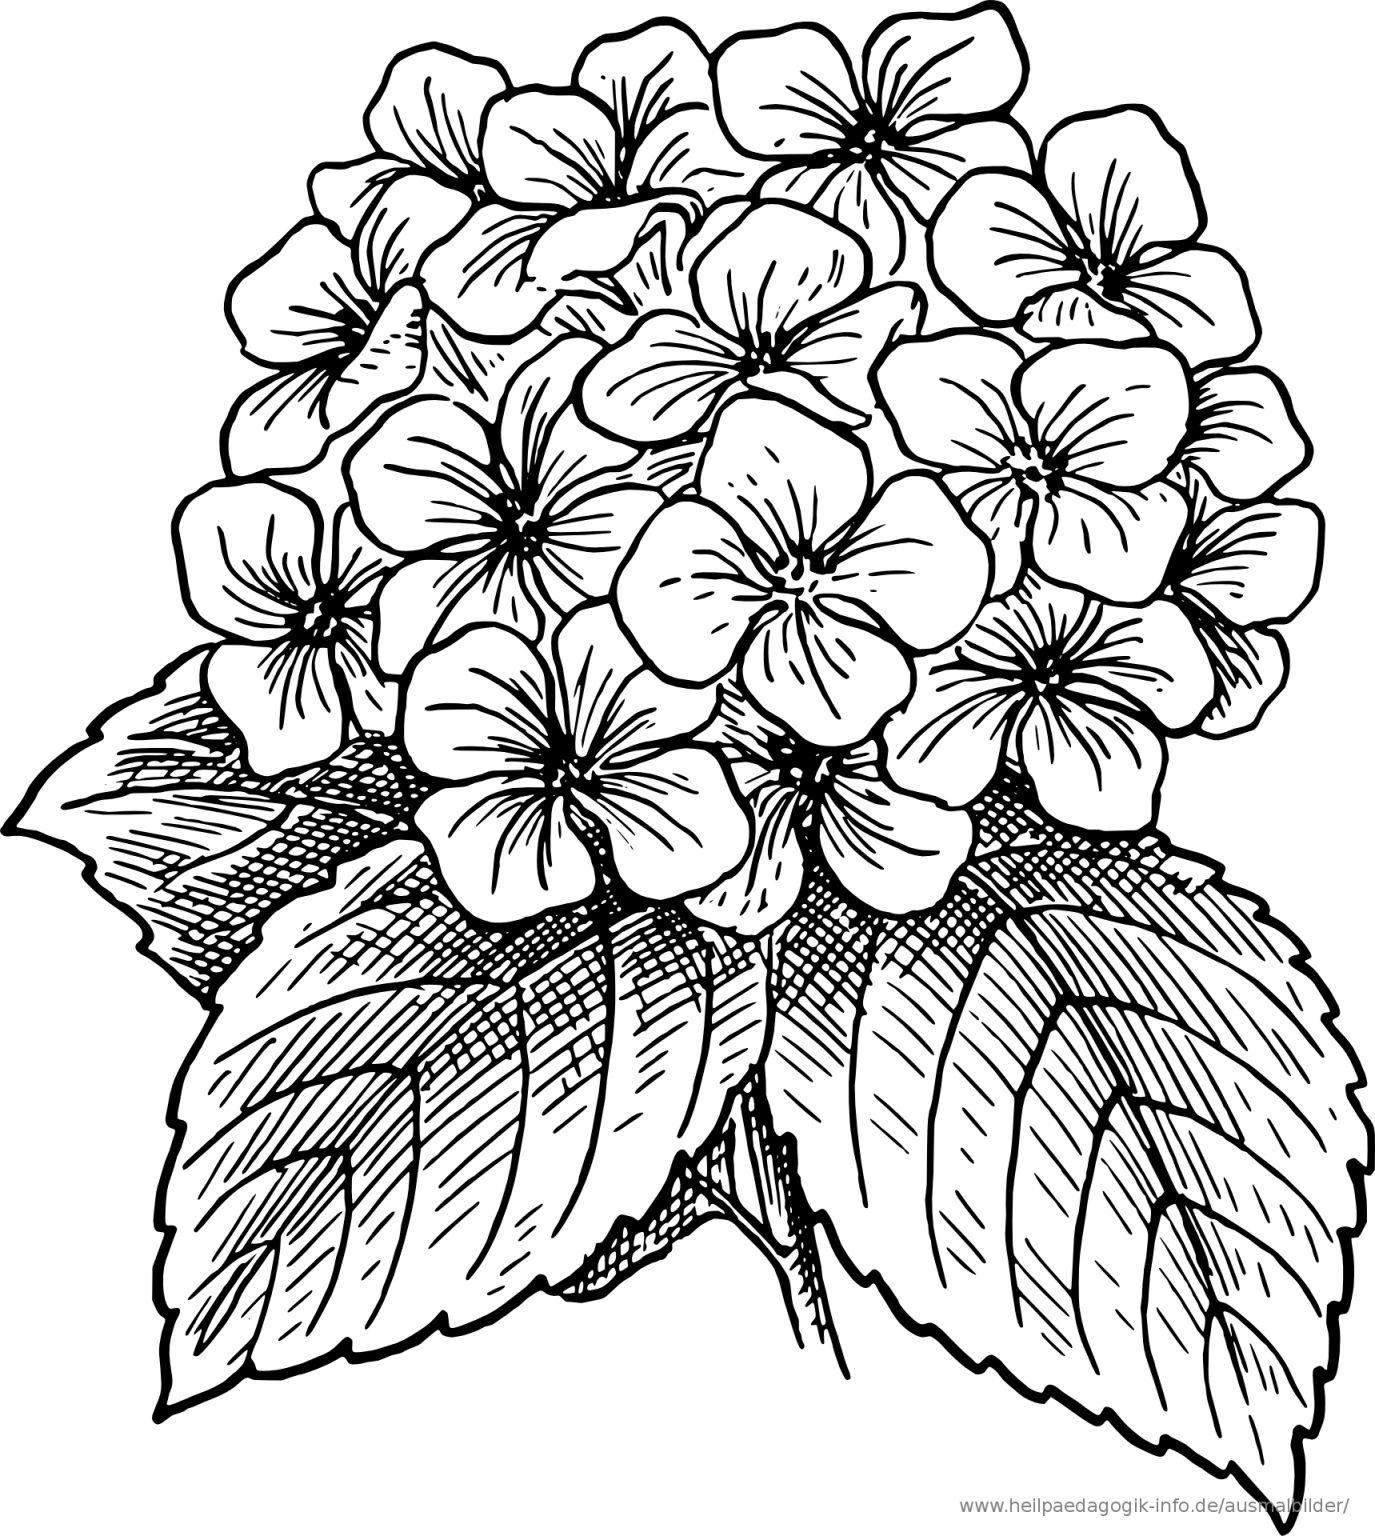 ausmalbildmalvorlageblumenstrauss571 bestimmt für